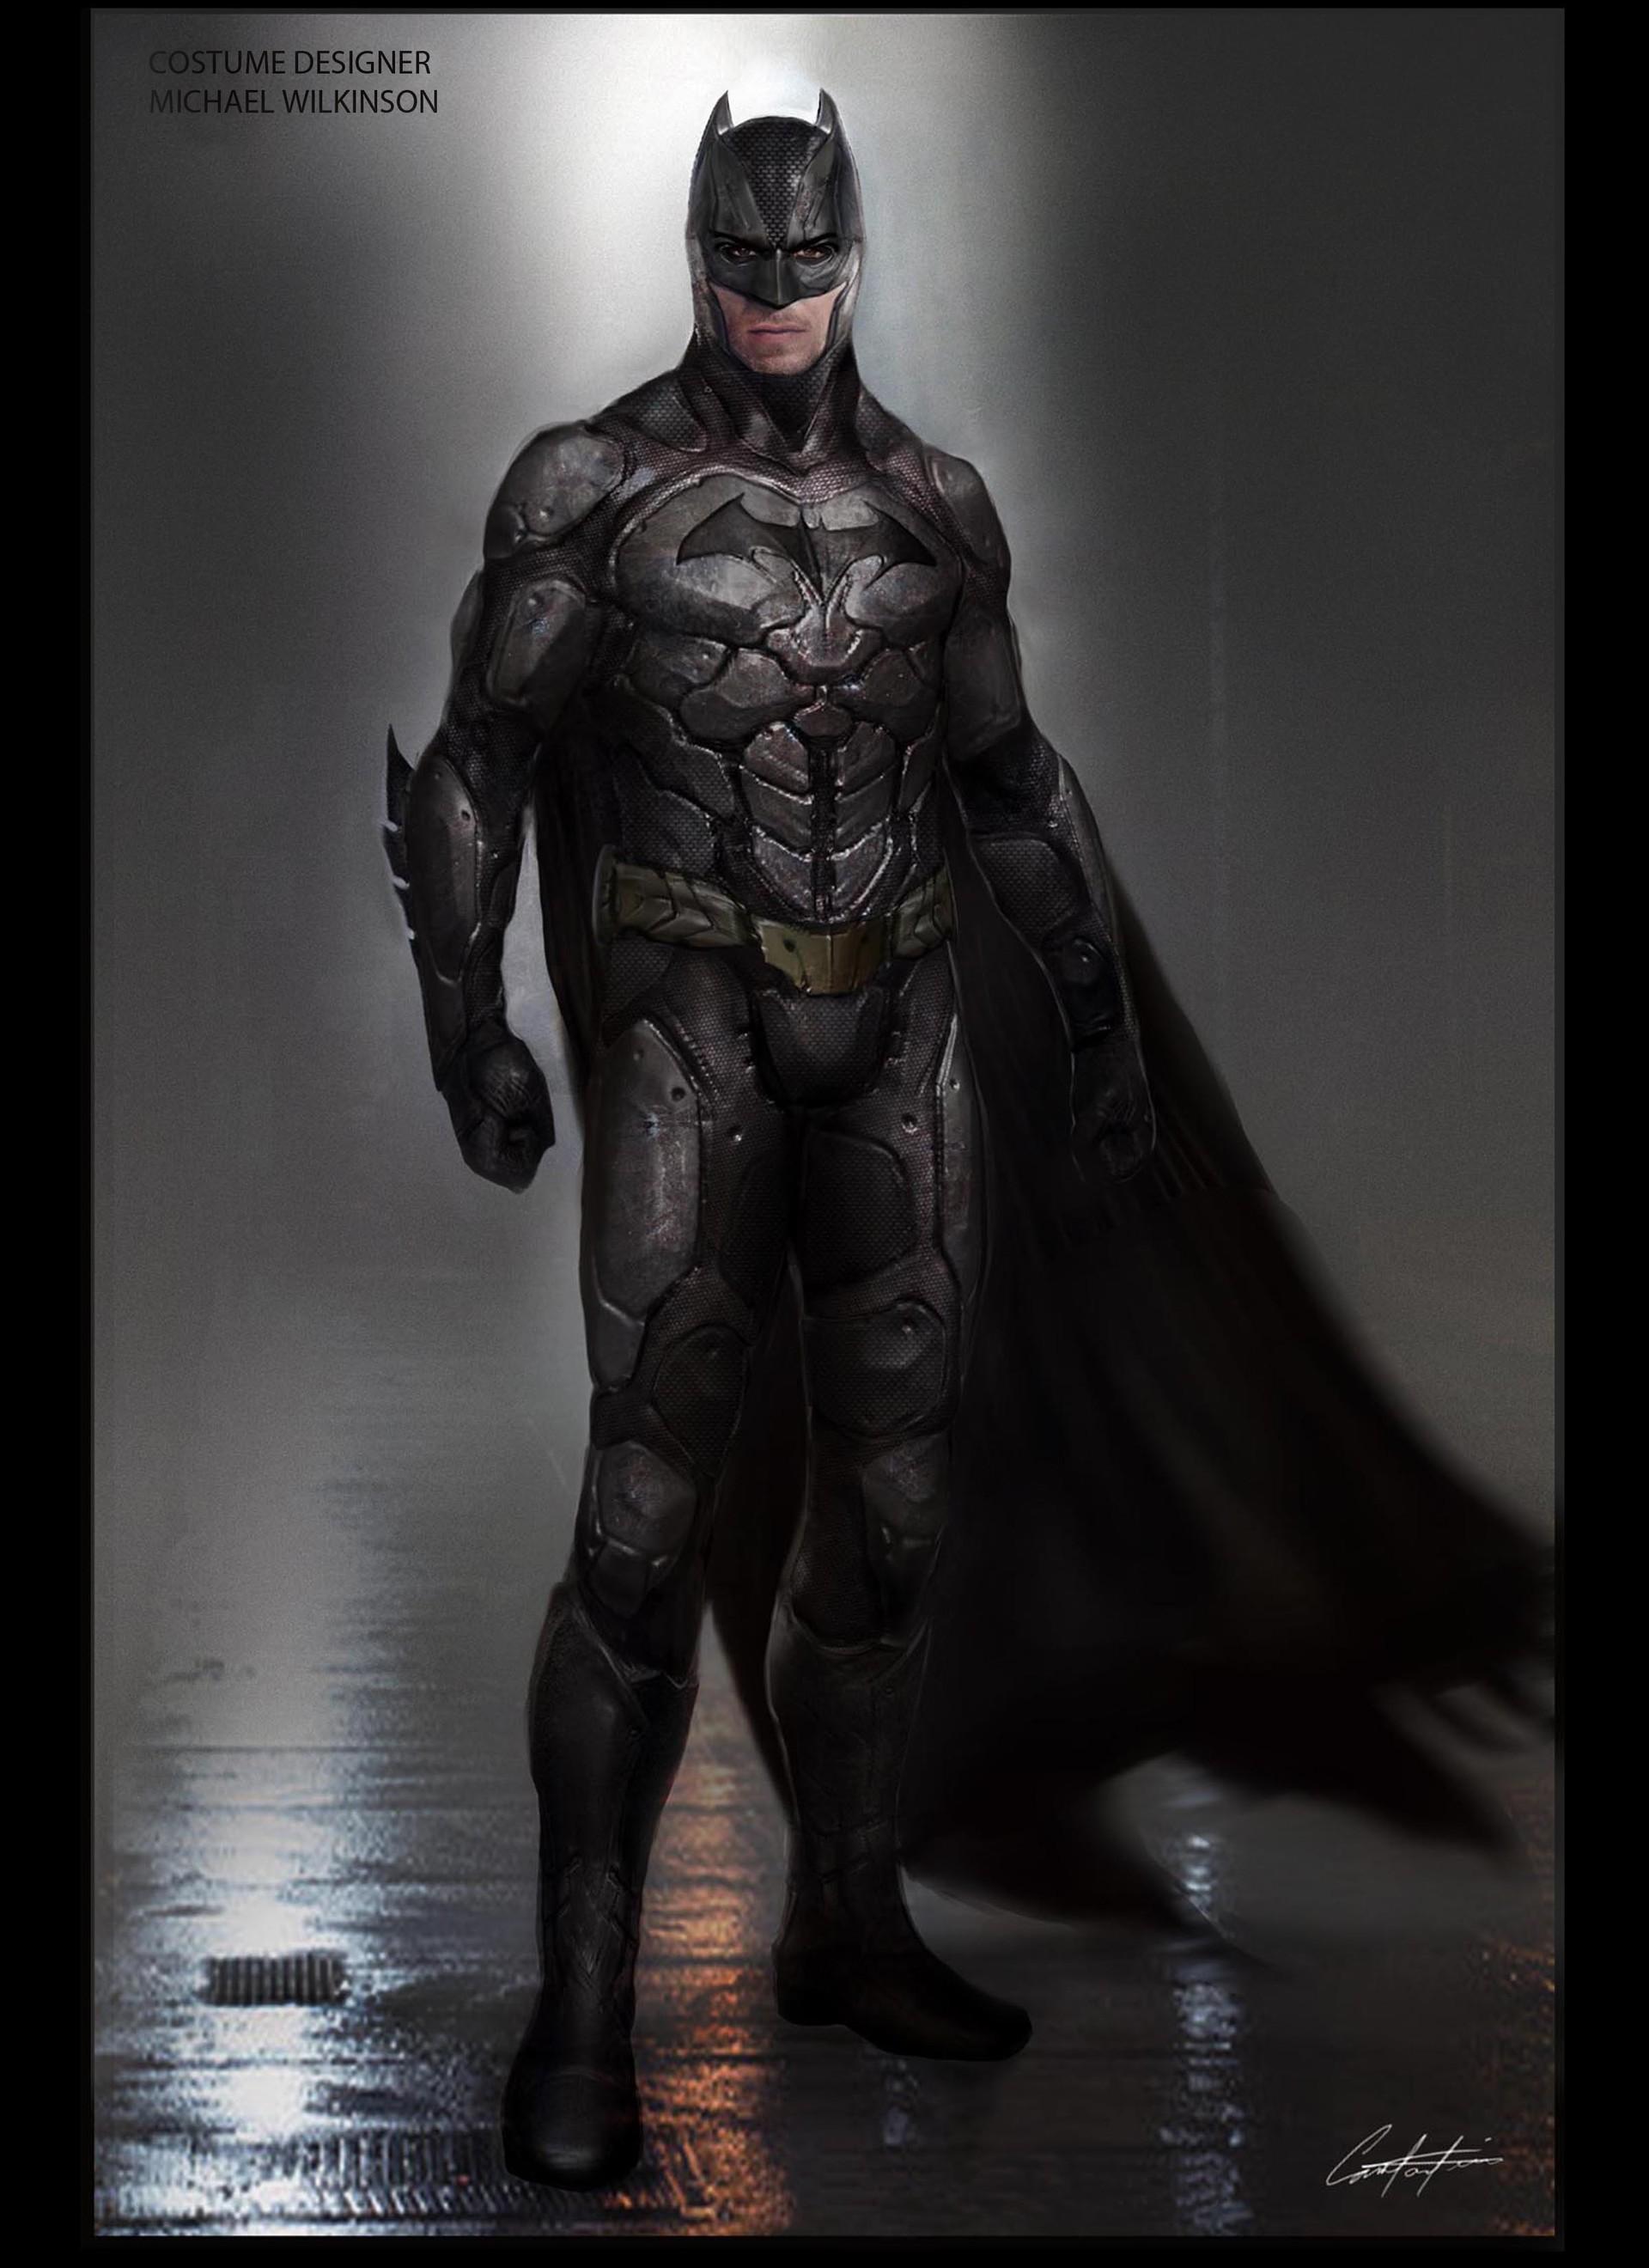 bat suit designs - HD1920×2640